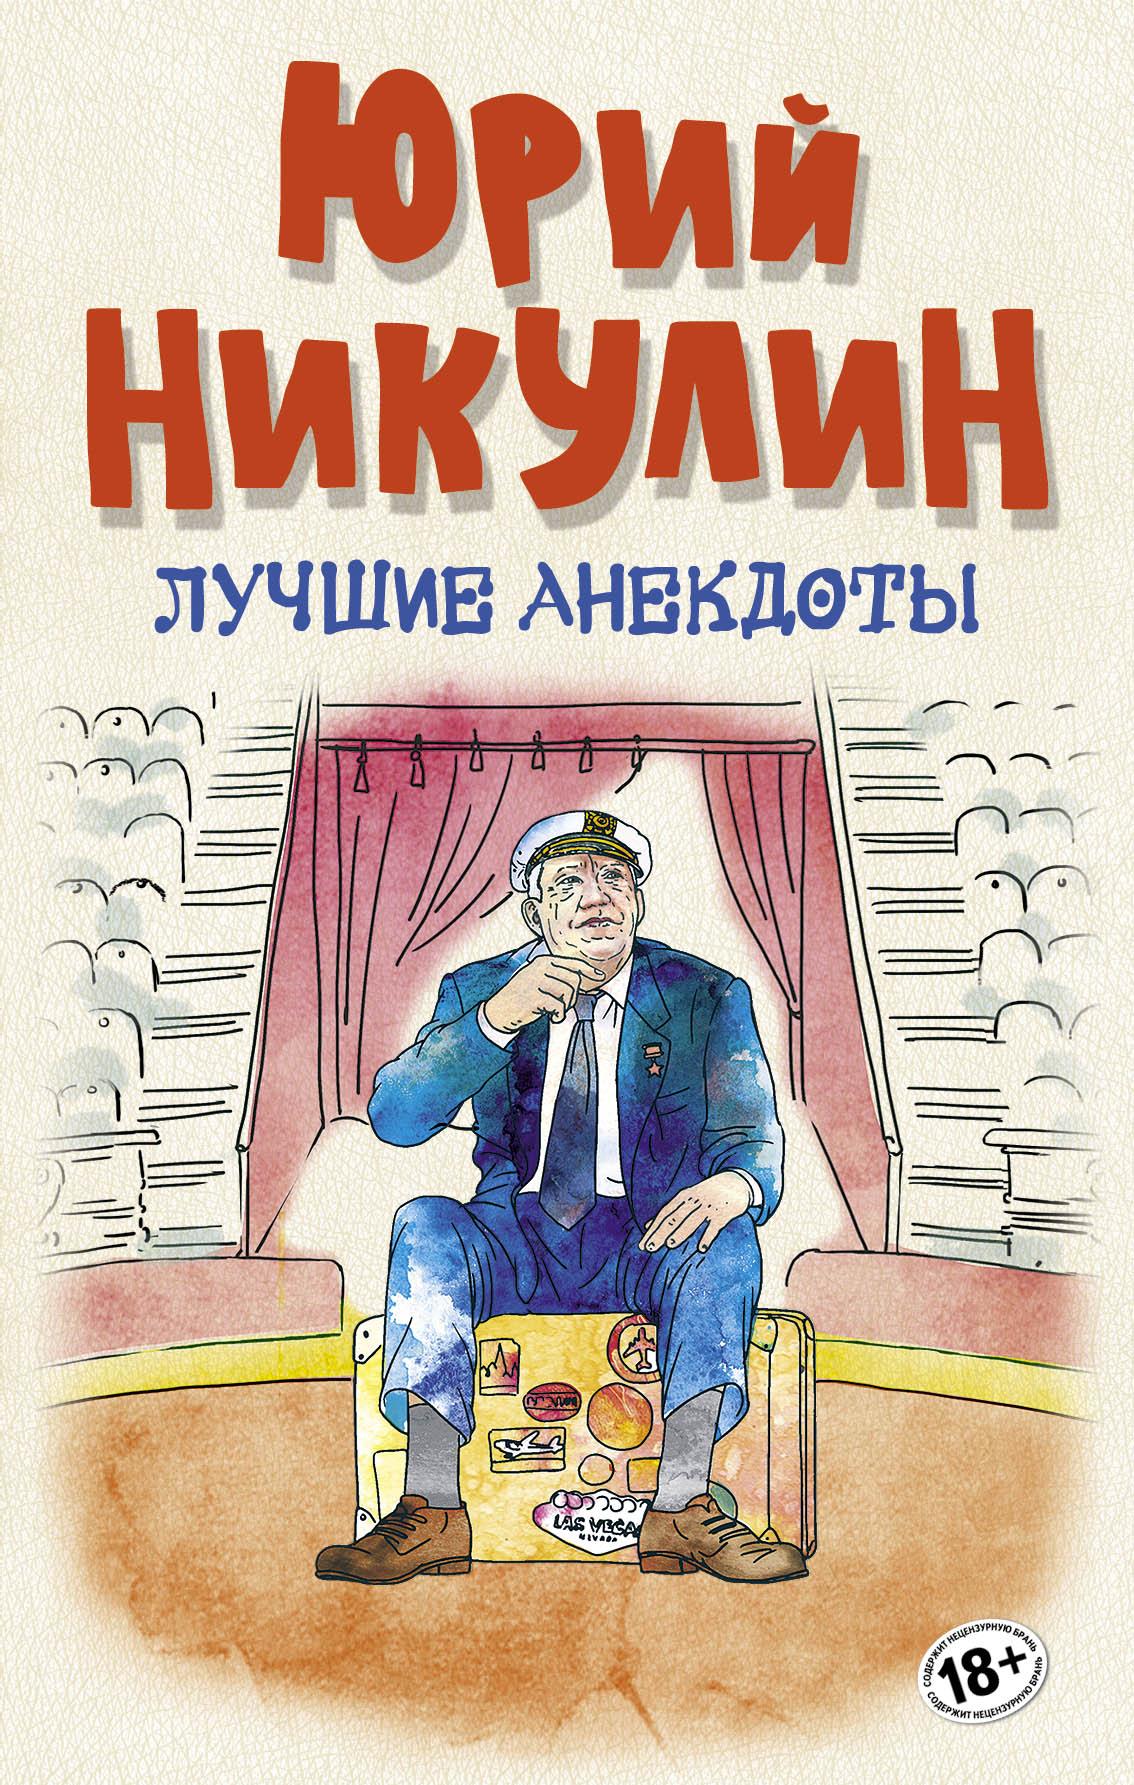 Лучшие анекдоты. Ю.В. Никулин